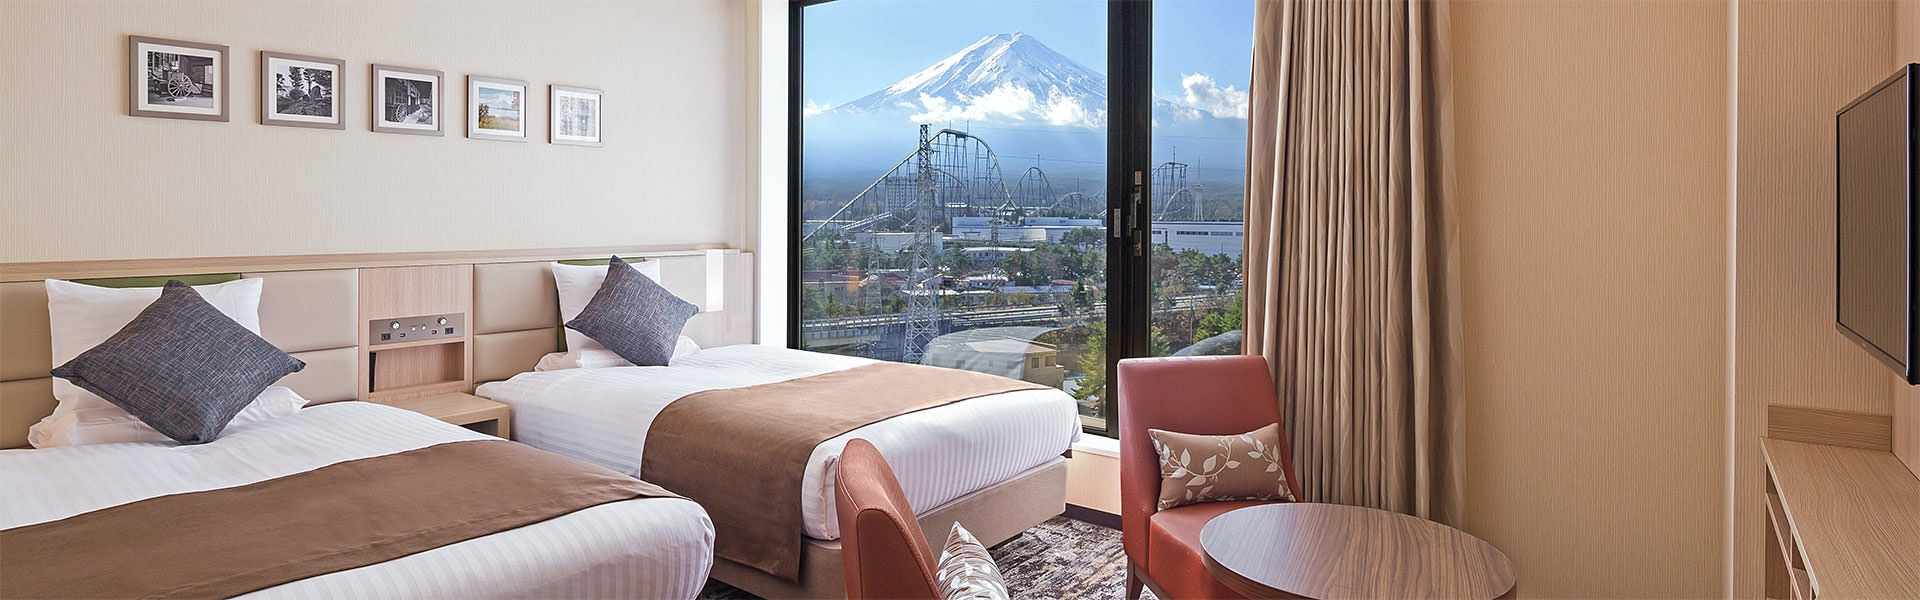 ホテルマイステイズ富士山 展望温泉